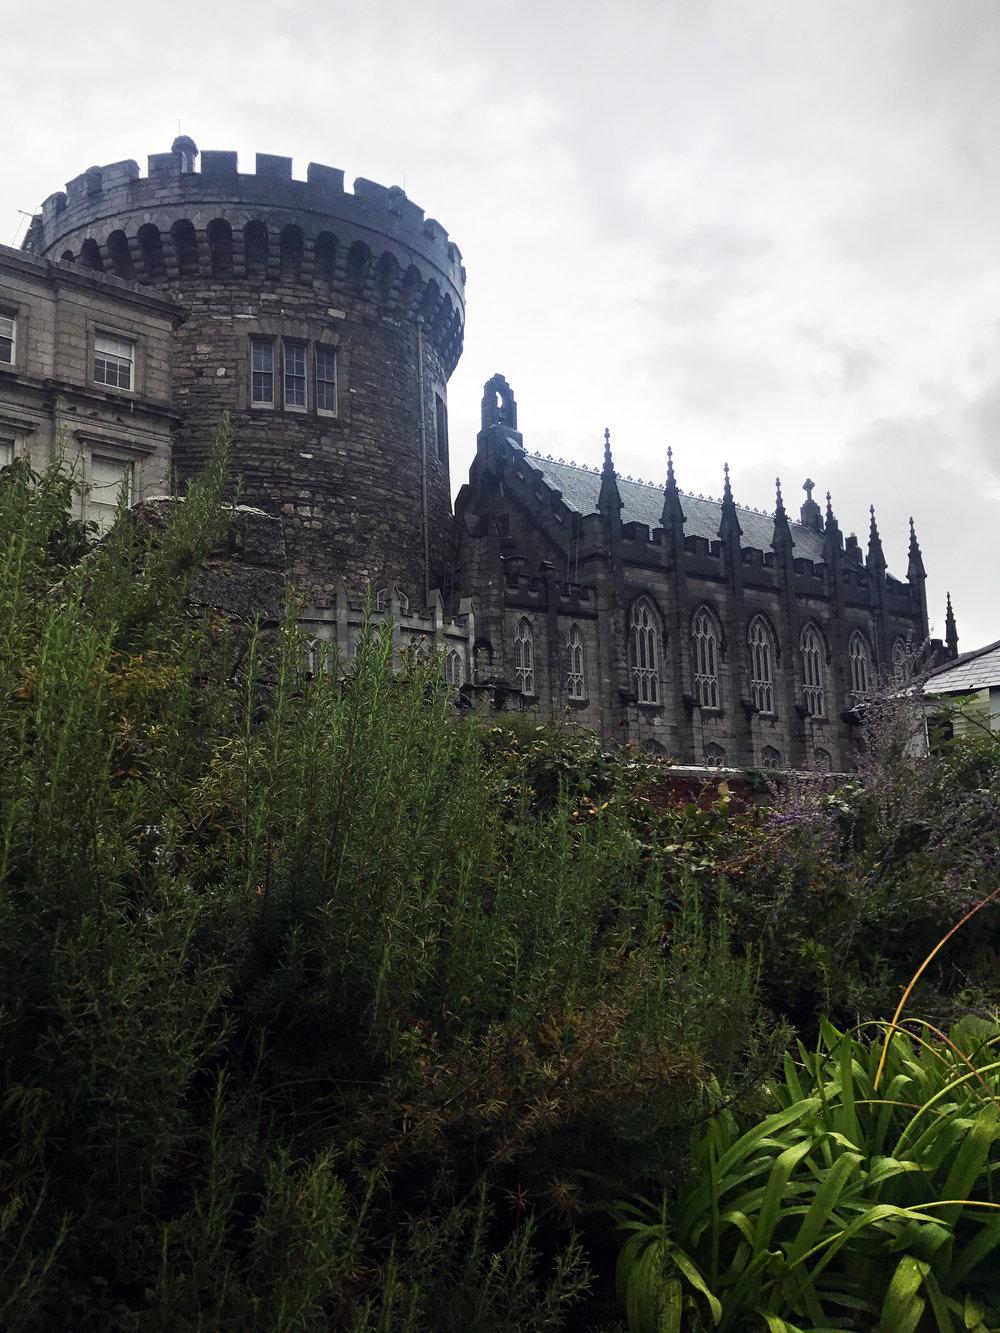 Dublin Castle-Dublin, Ireland.